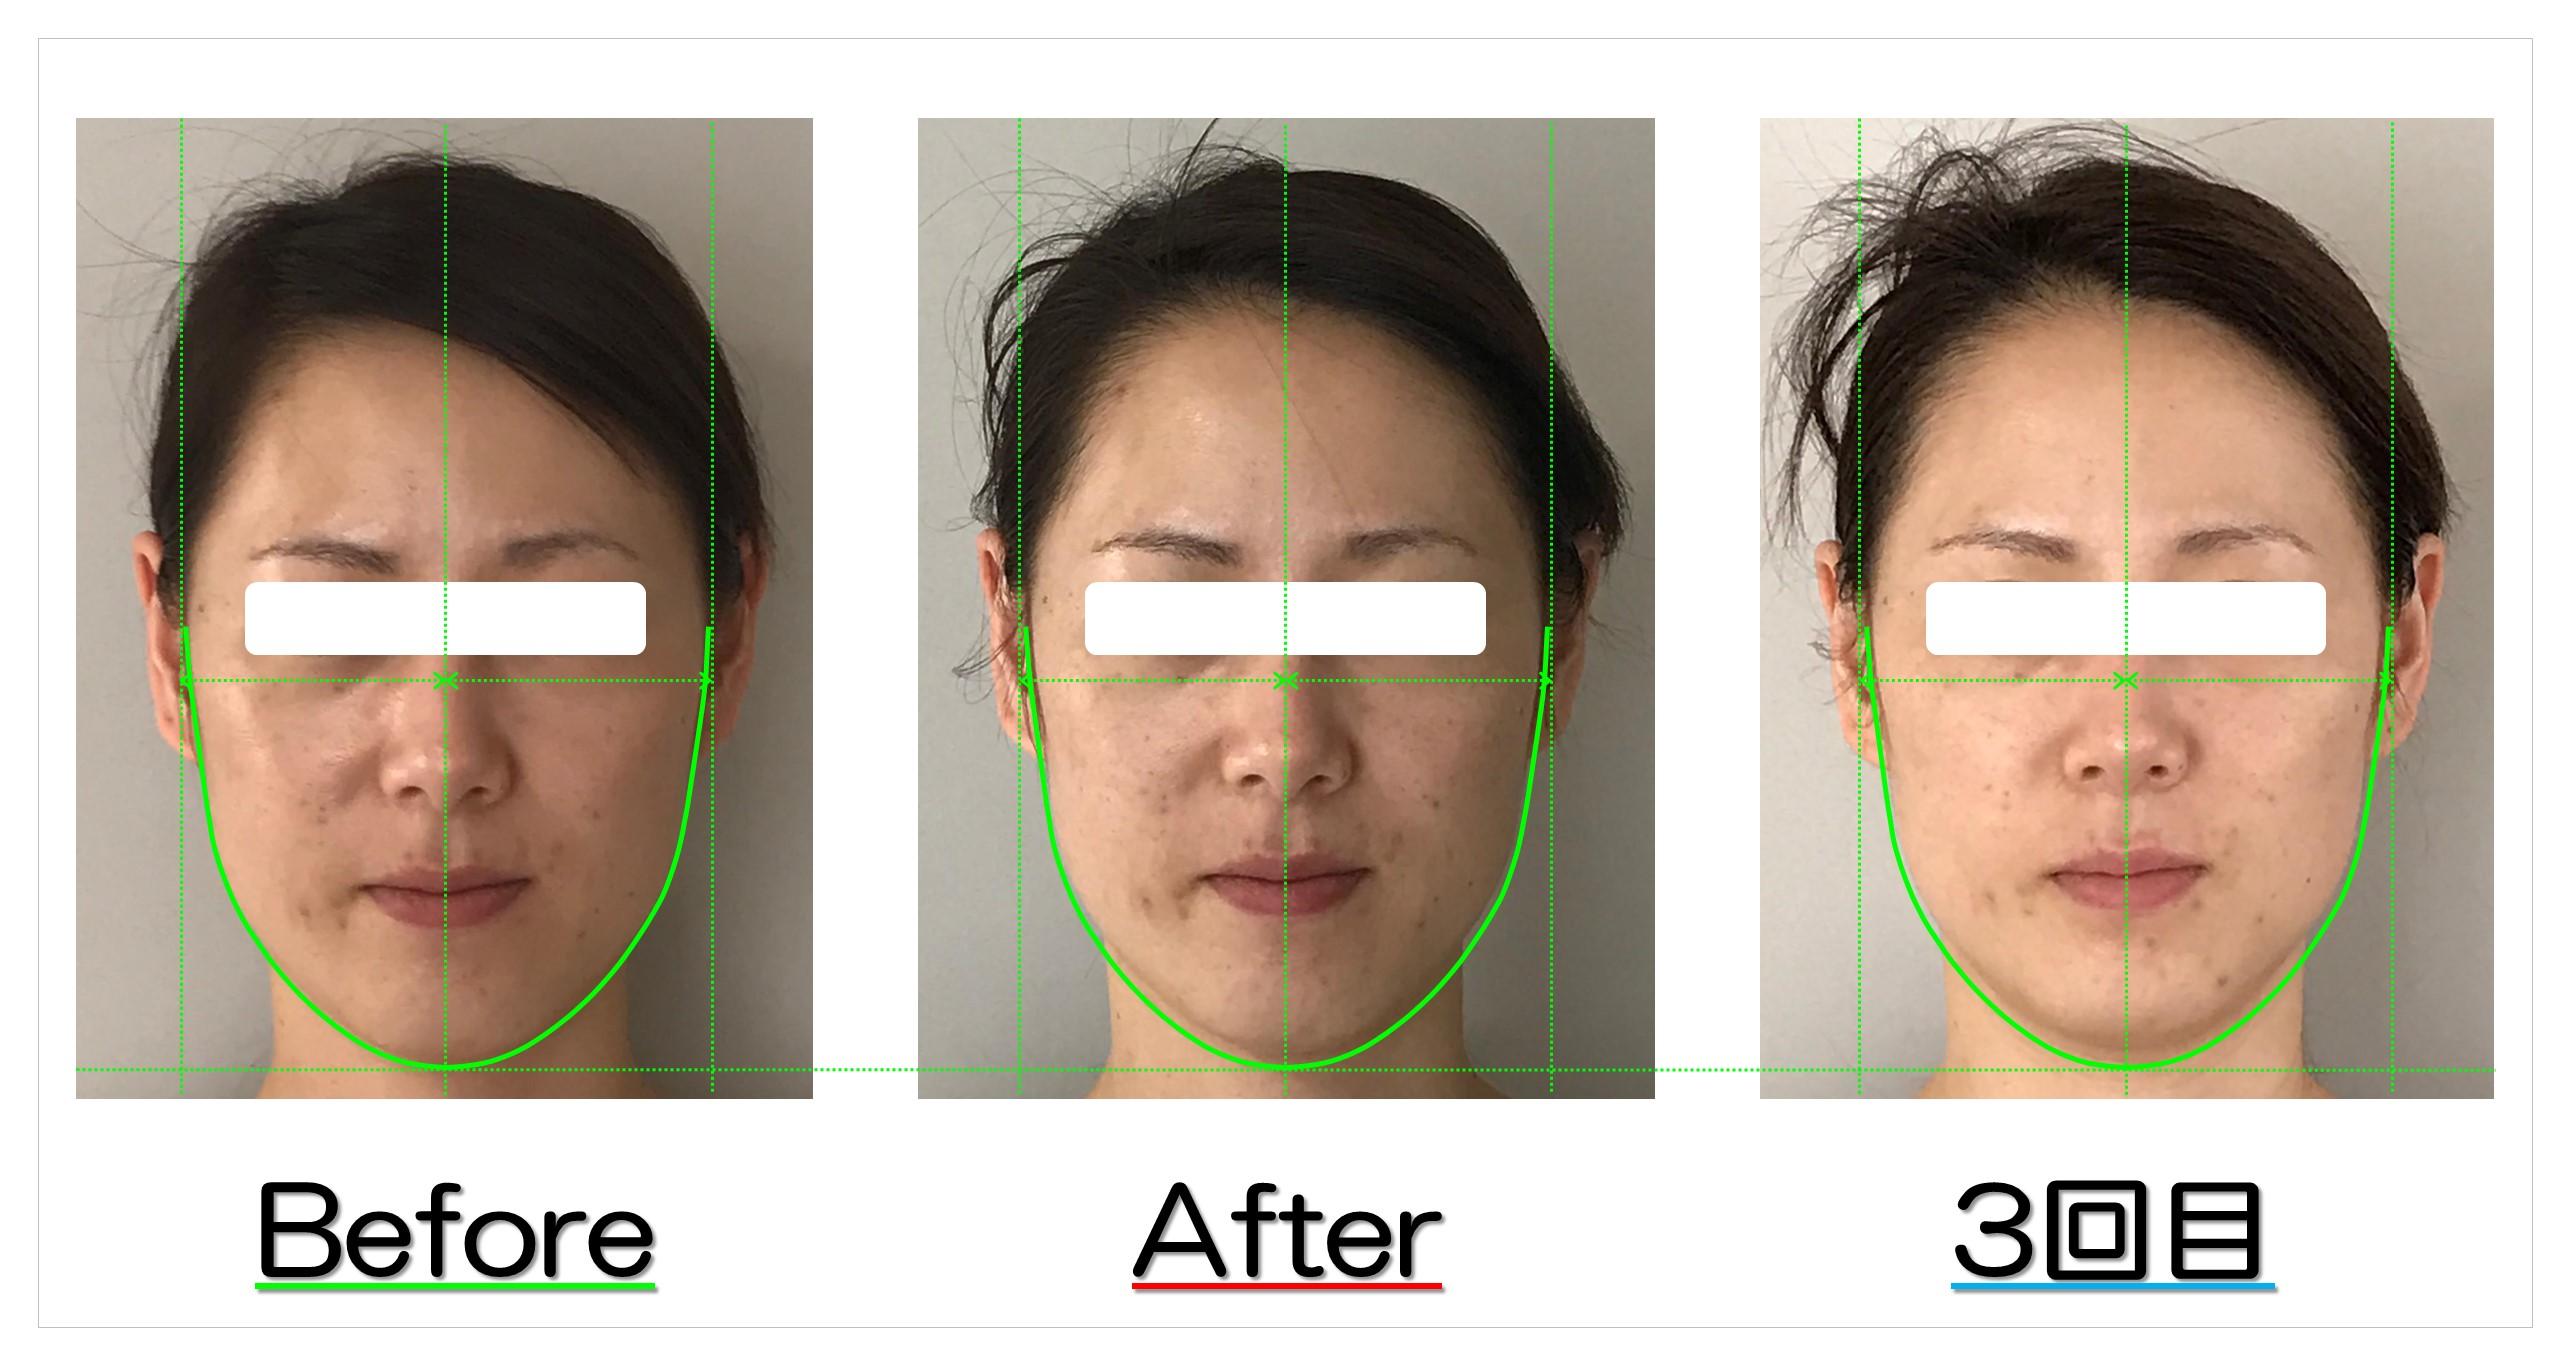 頬の位置が上がり面長が改善! | 滋賀守山市の小顔矯正エステ